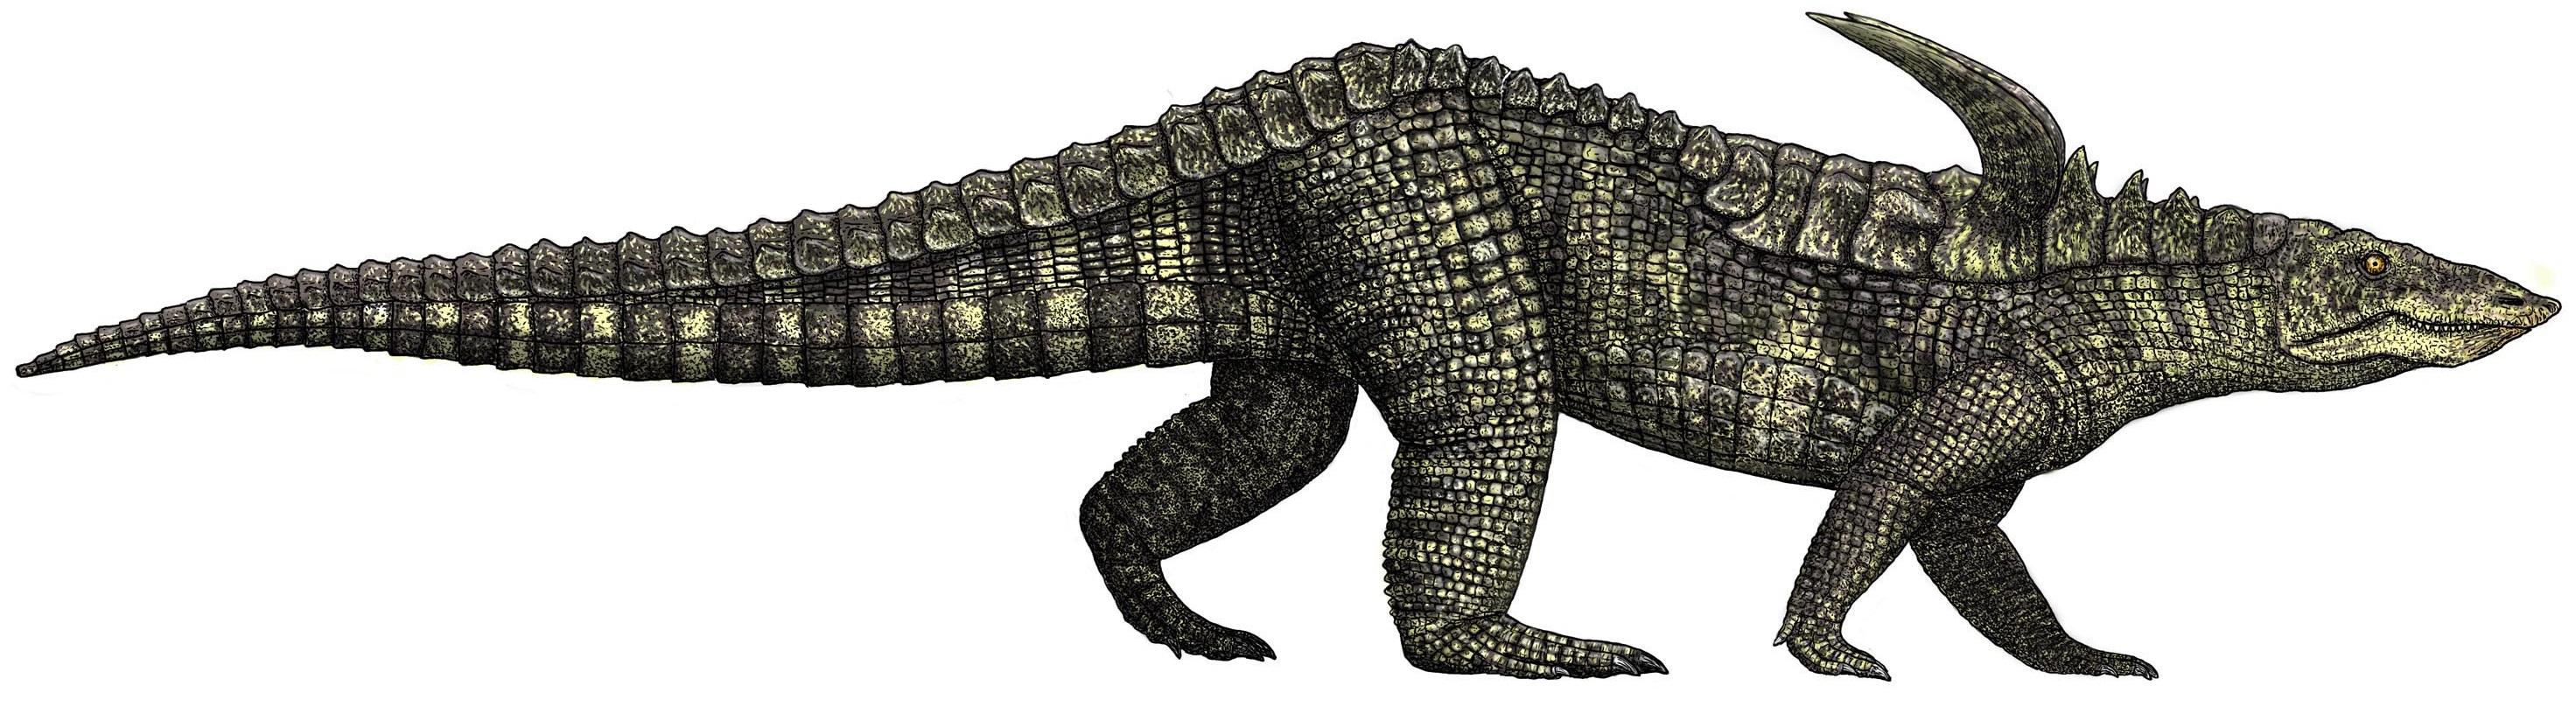 Desmatosuchus | Dinosaur Wiki | FANDOM powered by Wikia